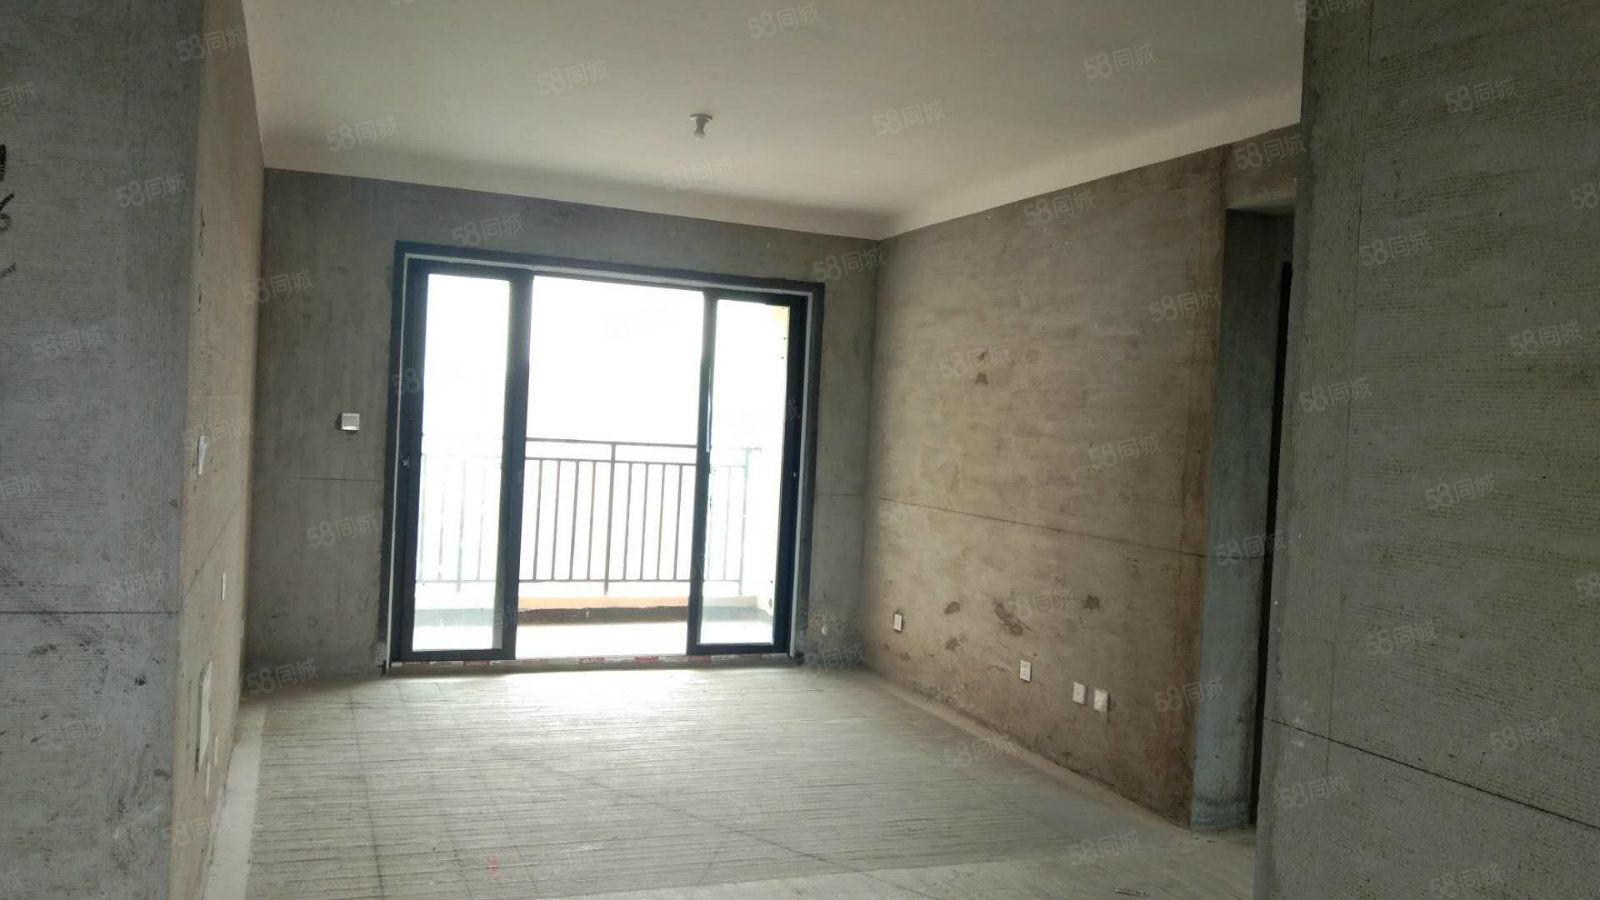 翡翠庄园3室毛坯无任何遮挡3房朝阳附属小学可按揭急售